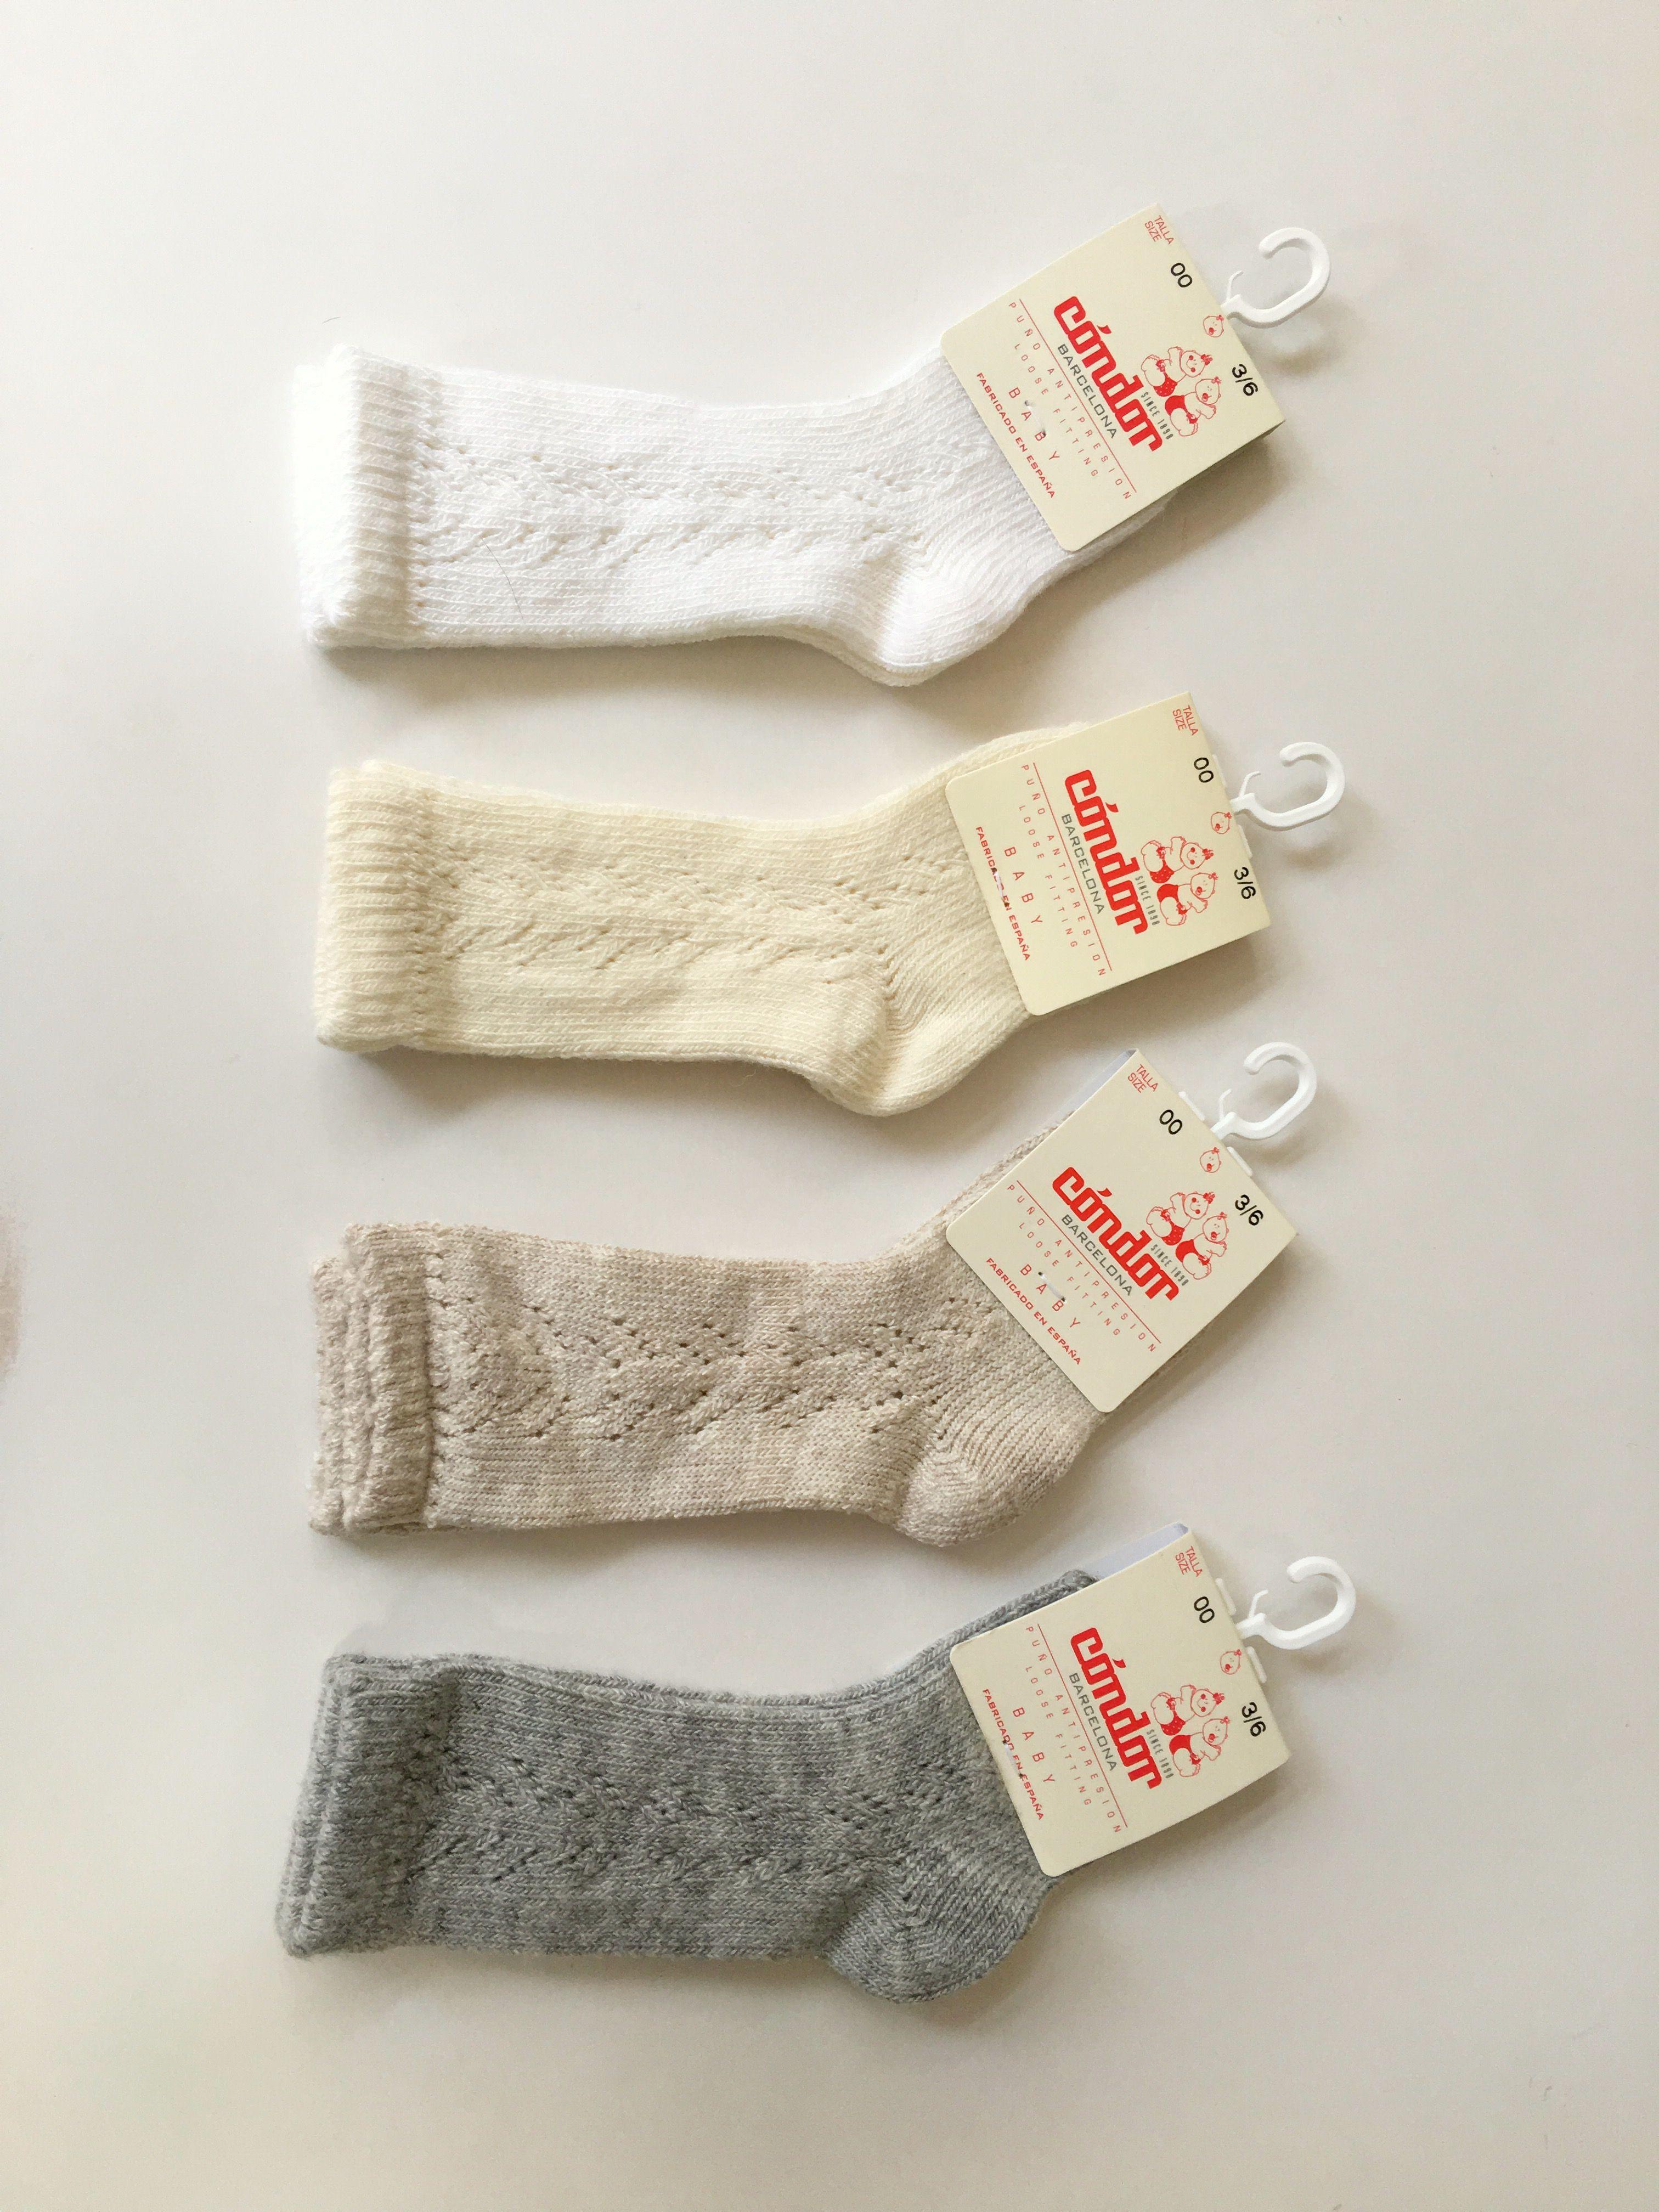 83951da41 Lace socks By Condor in white